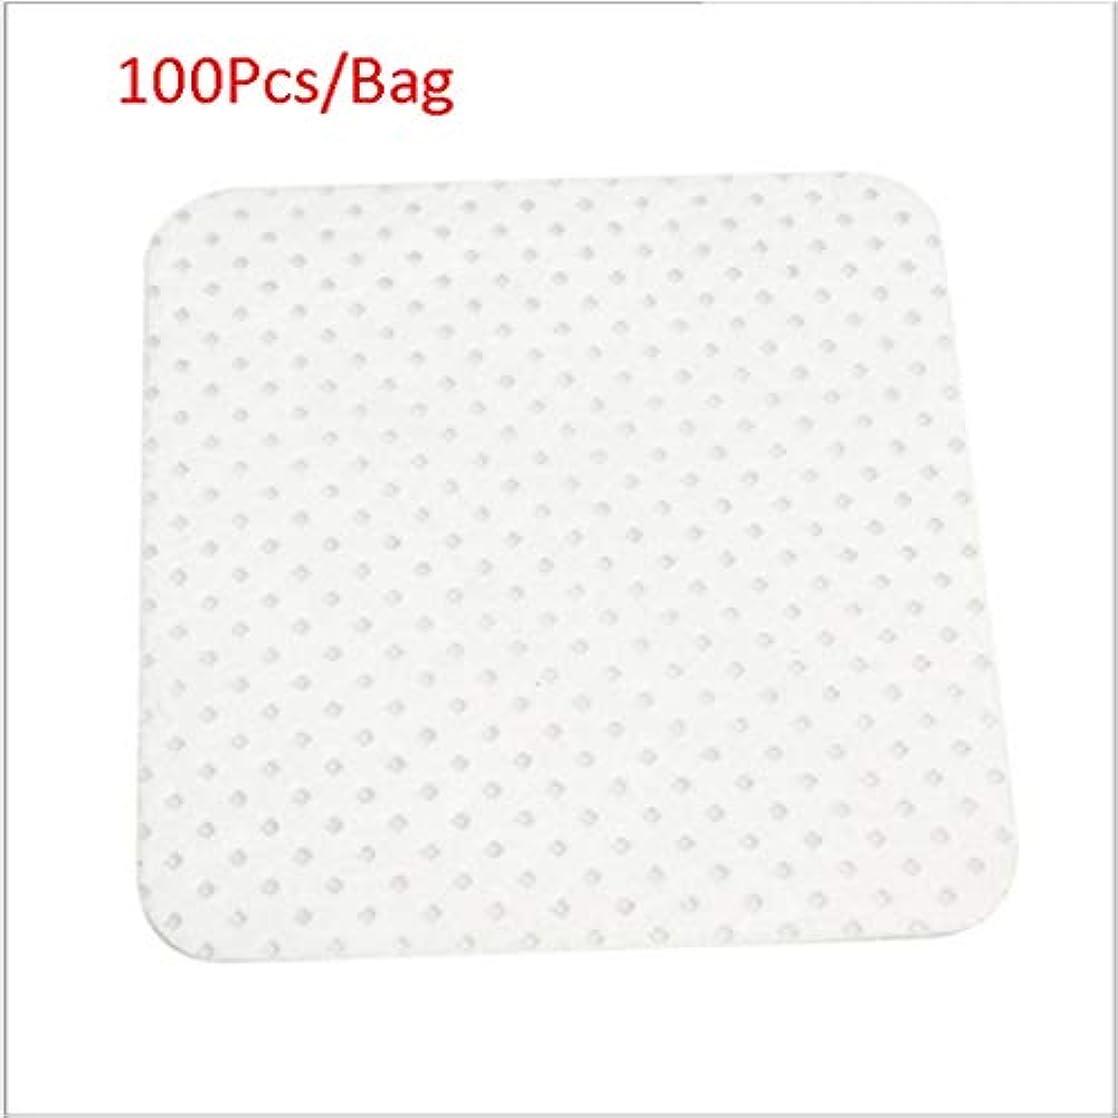 予見する環境に優しい書き出すクレンジングシート 100ピース/バッグ使い捨てまつげエクステンションのり取りコットンパッドボトル口拭きパッチメイク化粧品クリーニングツール (Color : White, サイズ : 5*5cm)